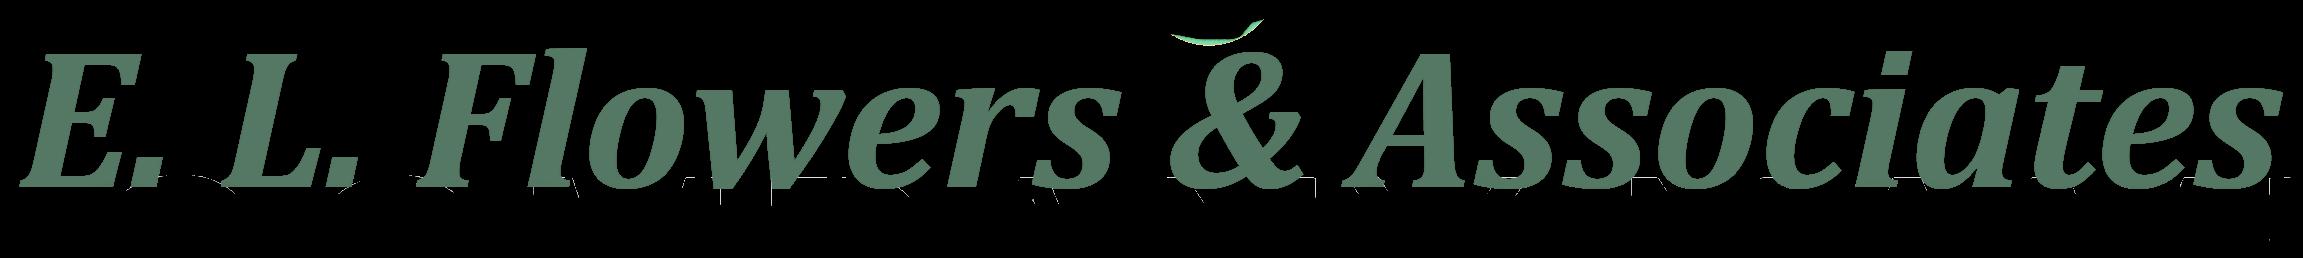 E.L. Flowers & Associates